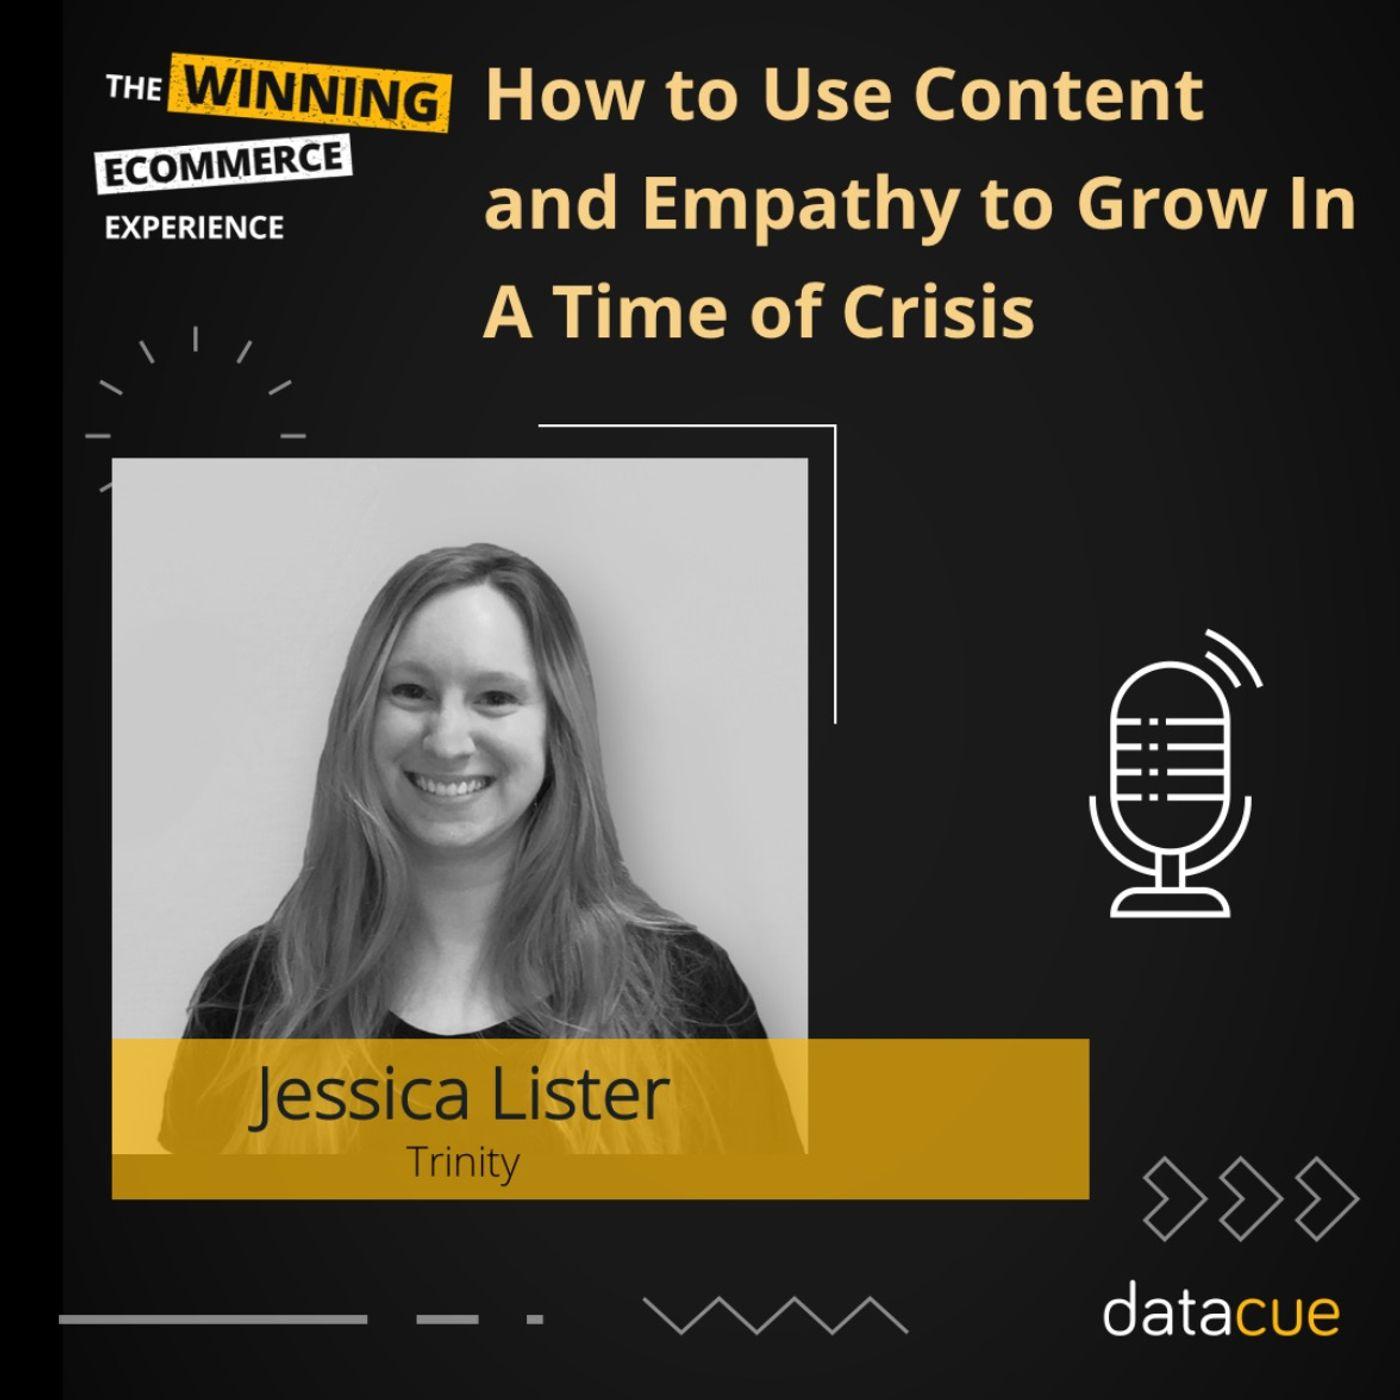 Jessica Lister